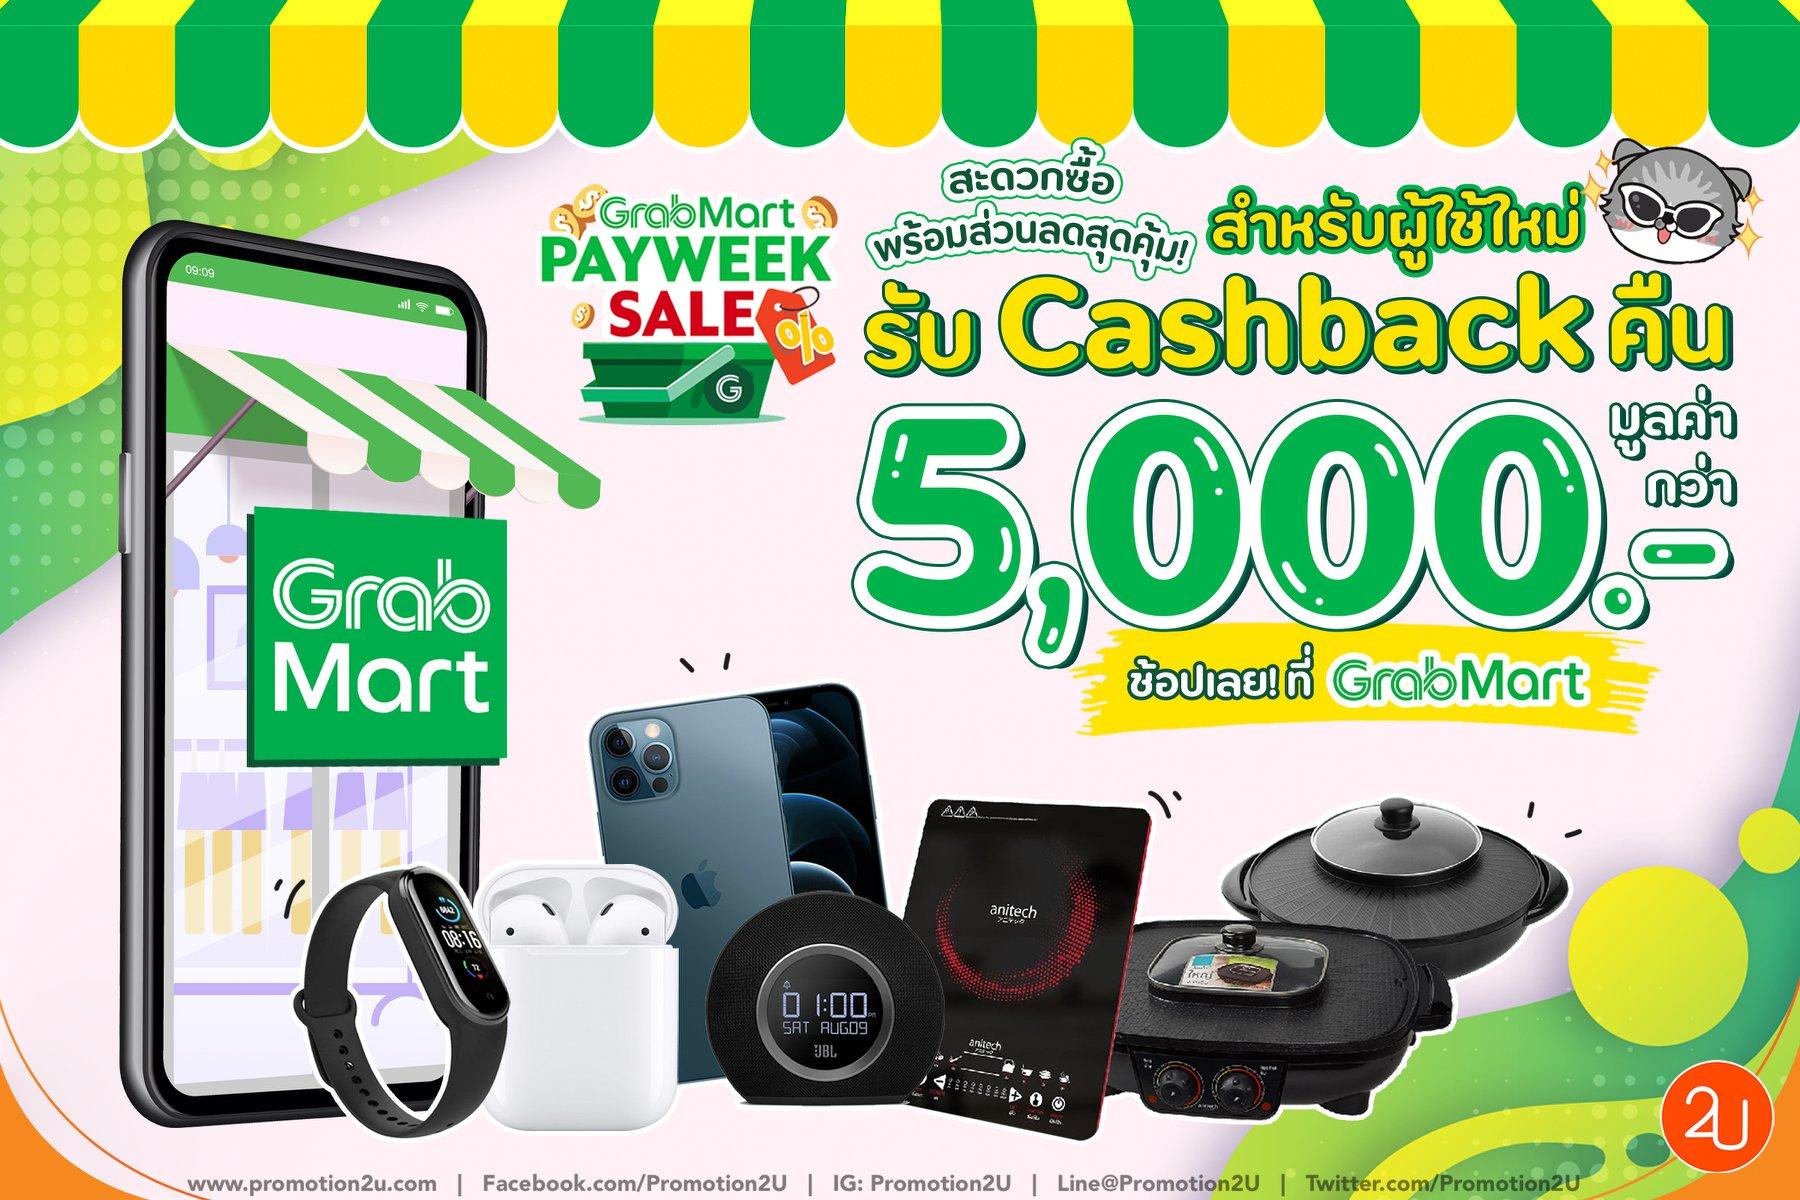 สะดวกซื้อ พร้อมส่วนลดสุดคุ้ม GrabMartPayWeek ผู้ใช้ใหม่รับ Cashback คืนมูลค่ากว่า 5,000.-